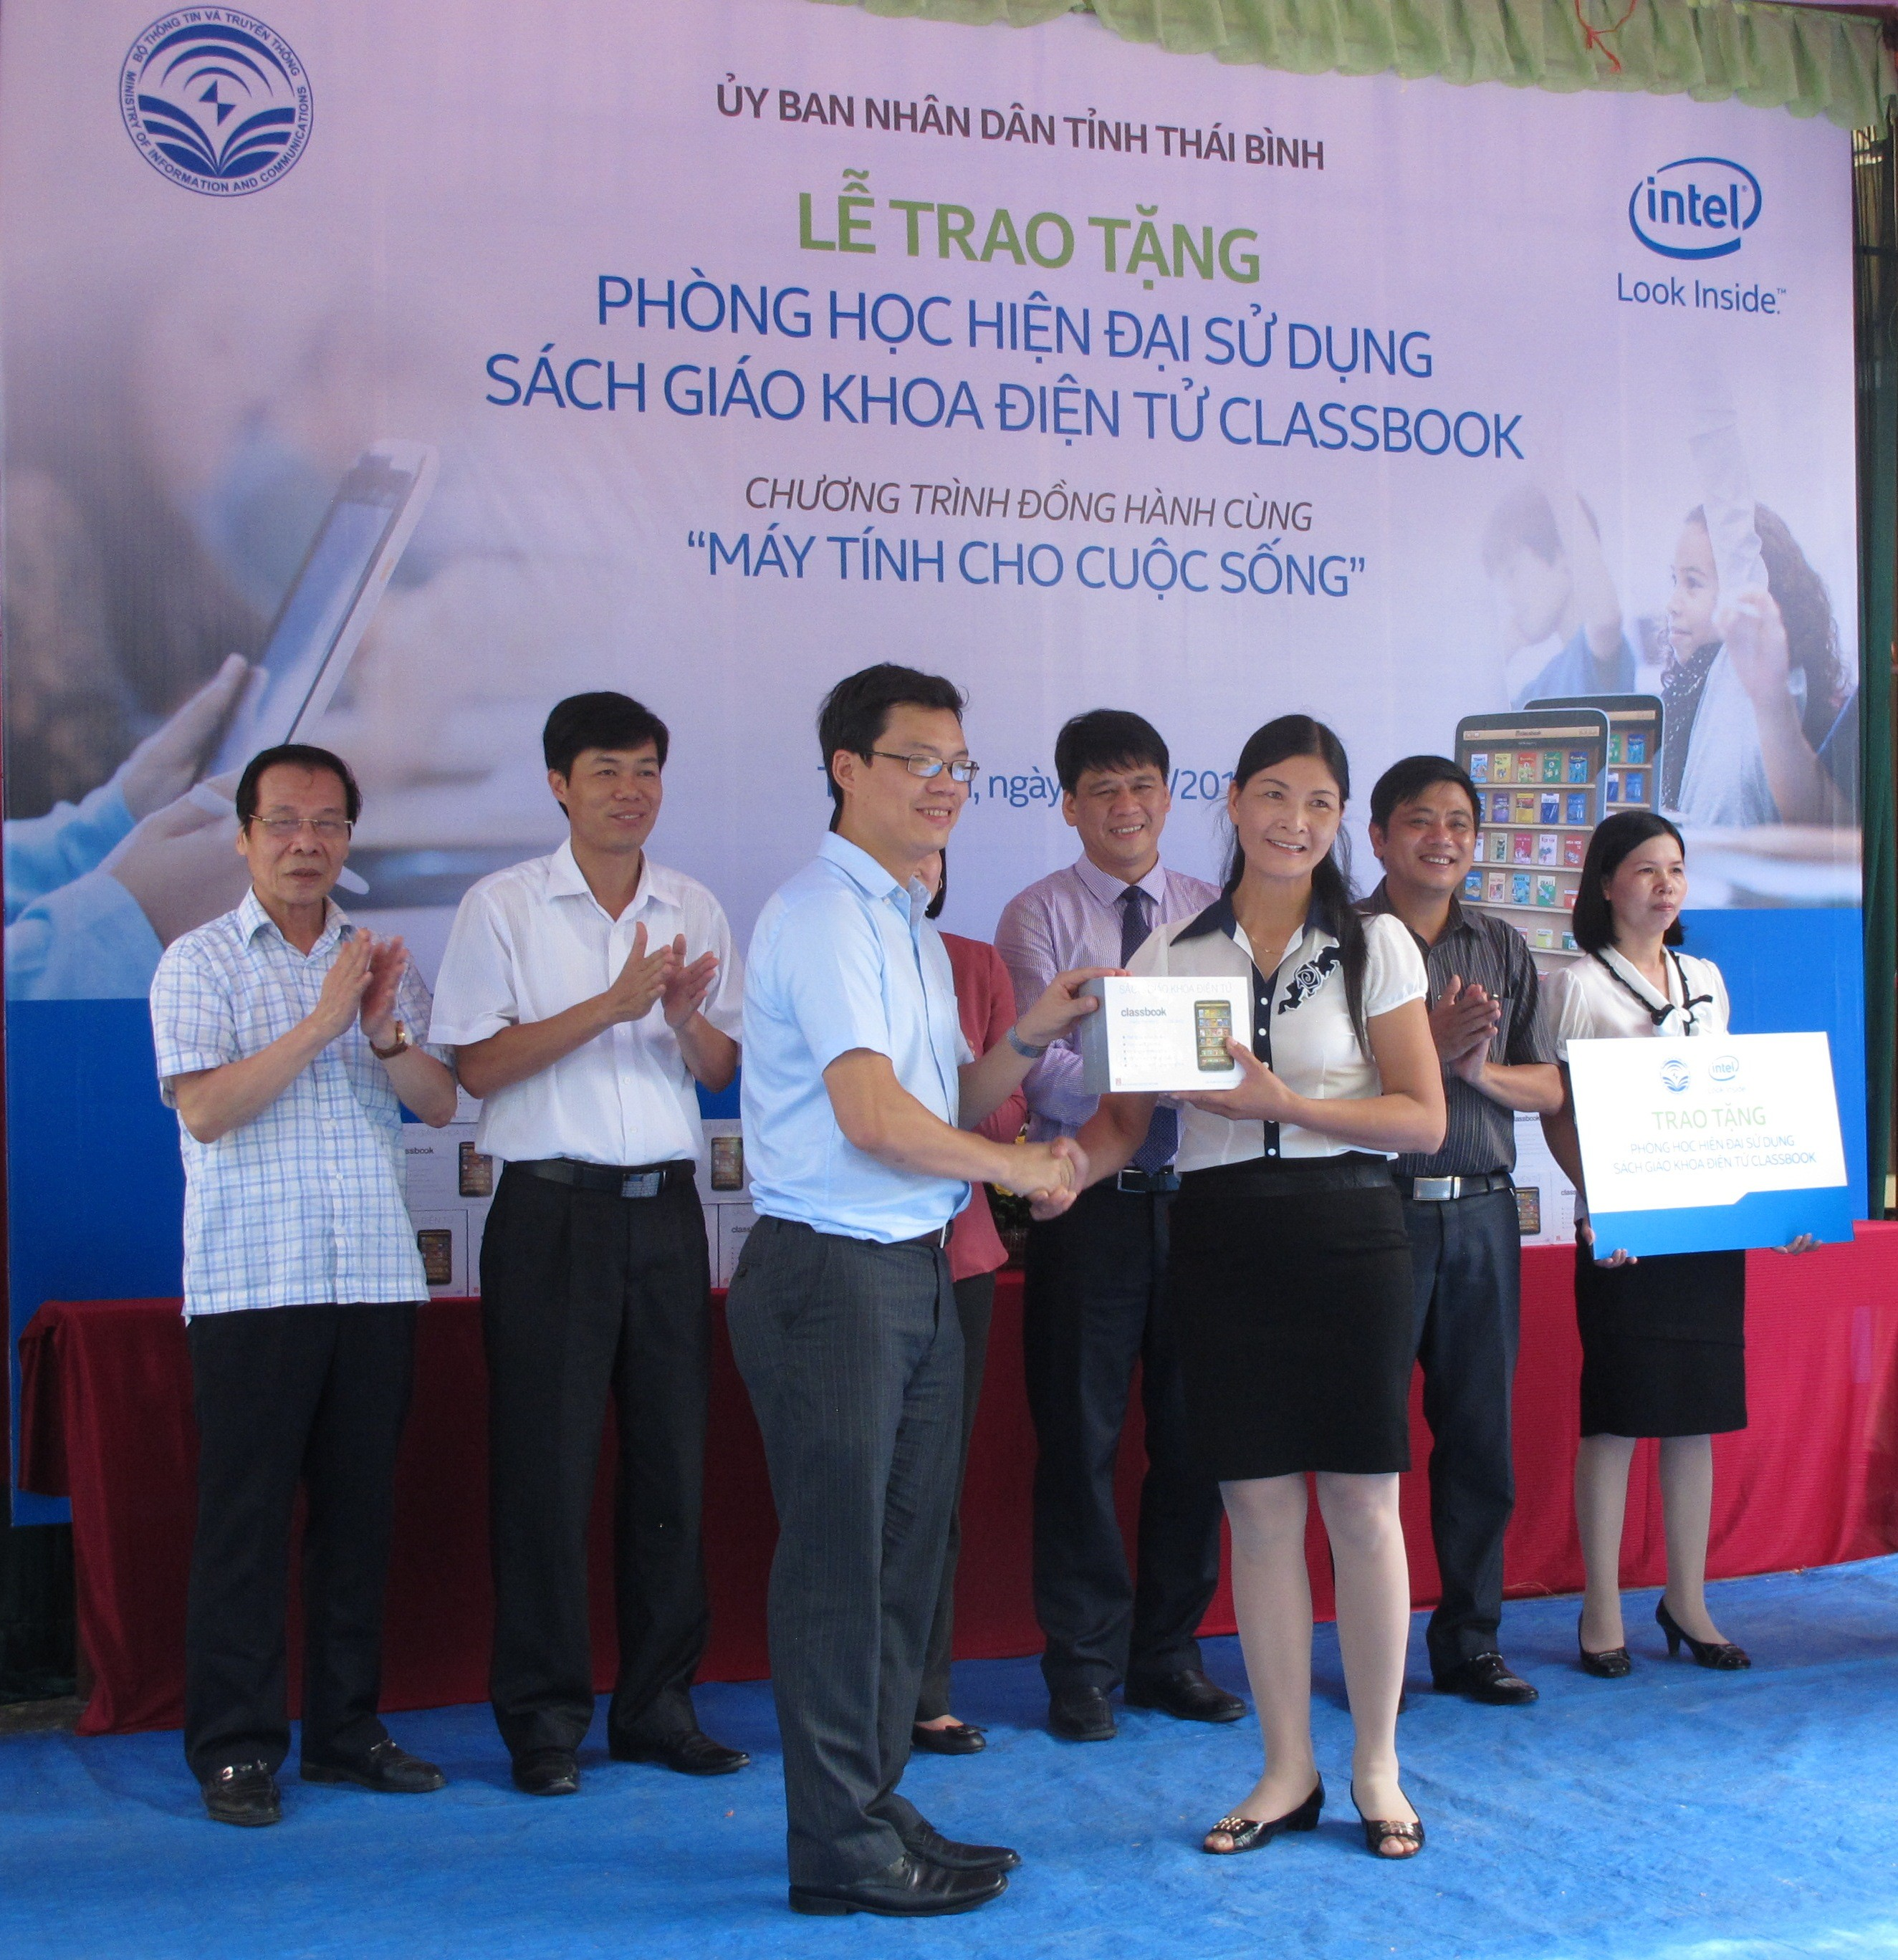 """i diện Intel Việt Nam trao tặng Classbook cho t rường THCS Quang Lịch - Trường THCS Quang Lịch được tặng """"Phòng học hiện đại sử dụng Sách giáo khóa điện tử Classbook thế hệ mới"""""""